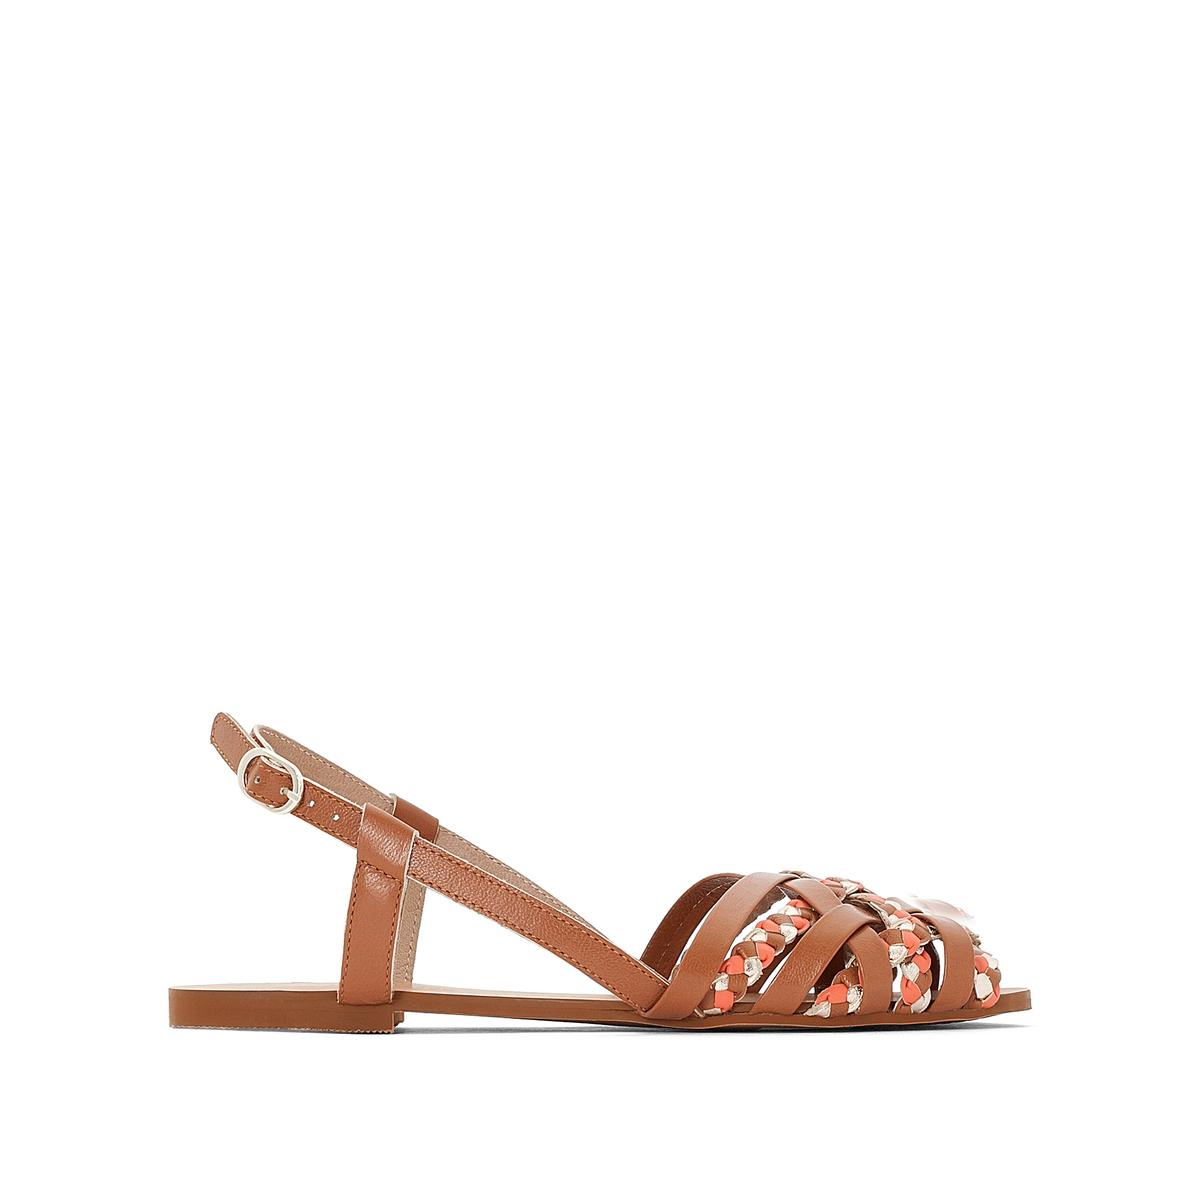 Босоножки кожаные с плетеными ремешками на плоском каблуке босоножки кожаные на плоском каблуке la conquise